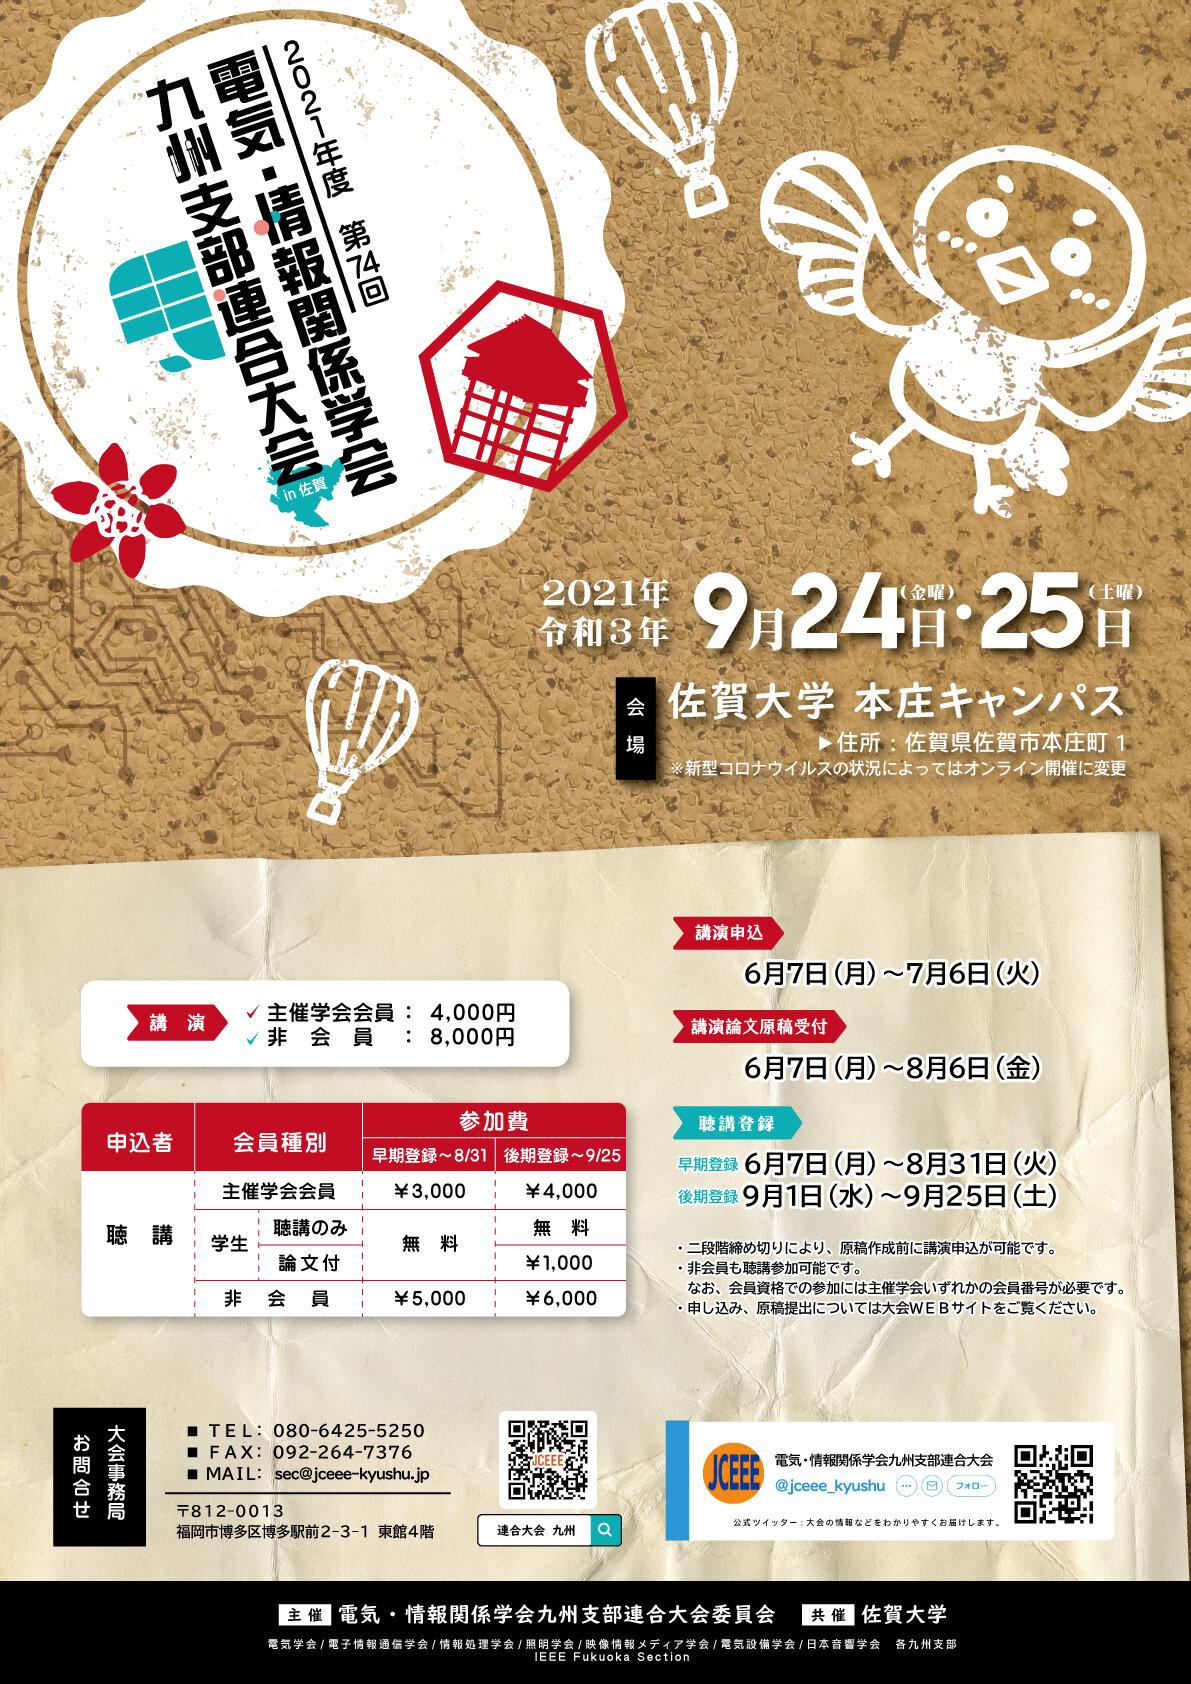 第74回電気・情報関係学会九州支部連合大会(9/24~25)